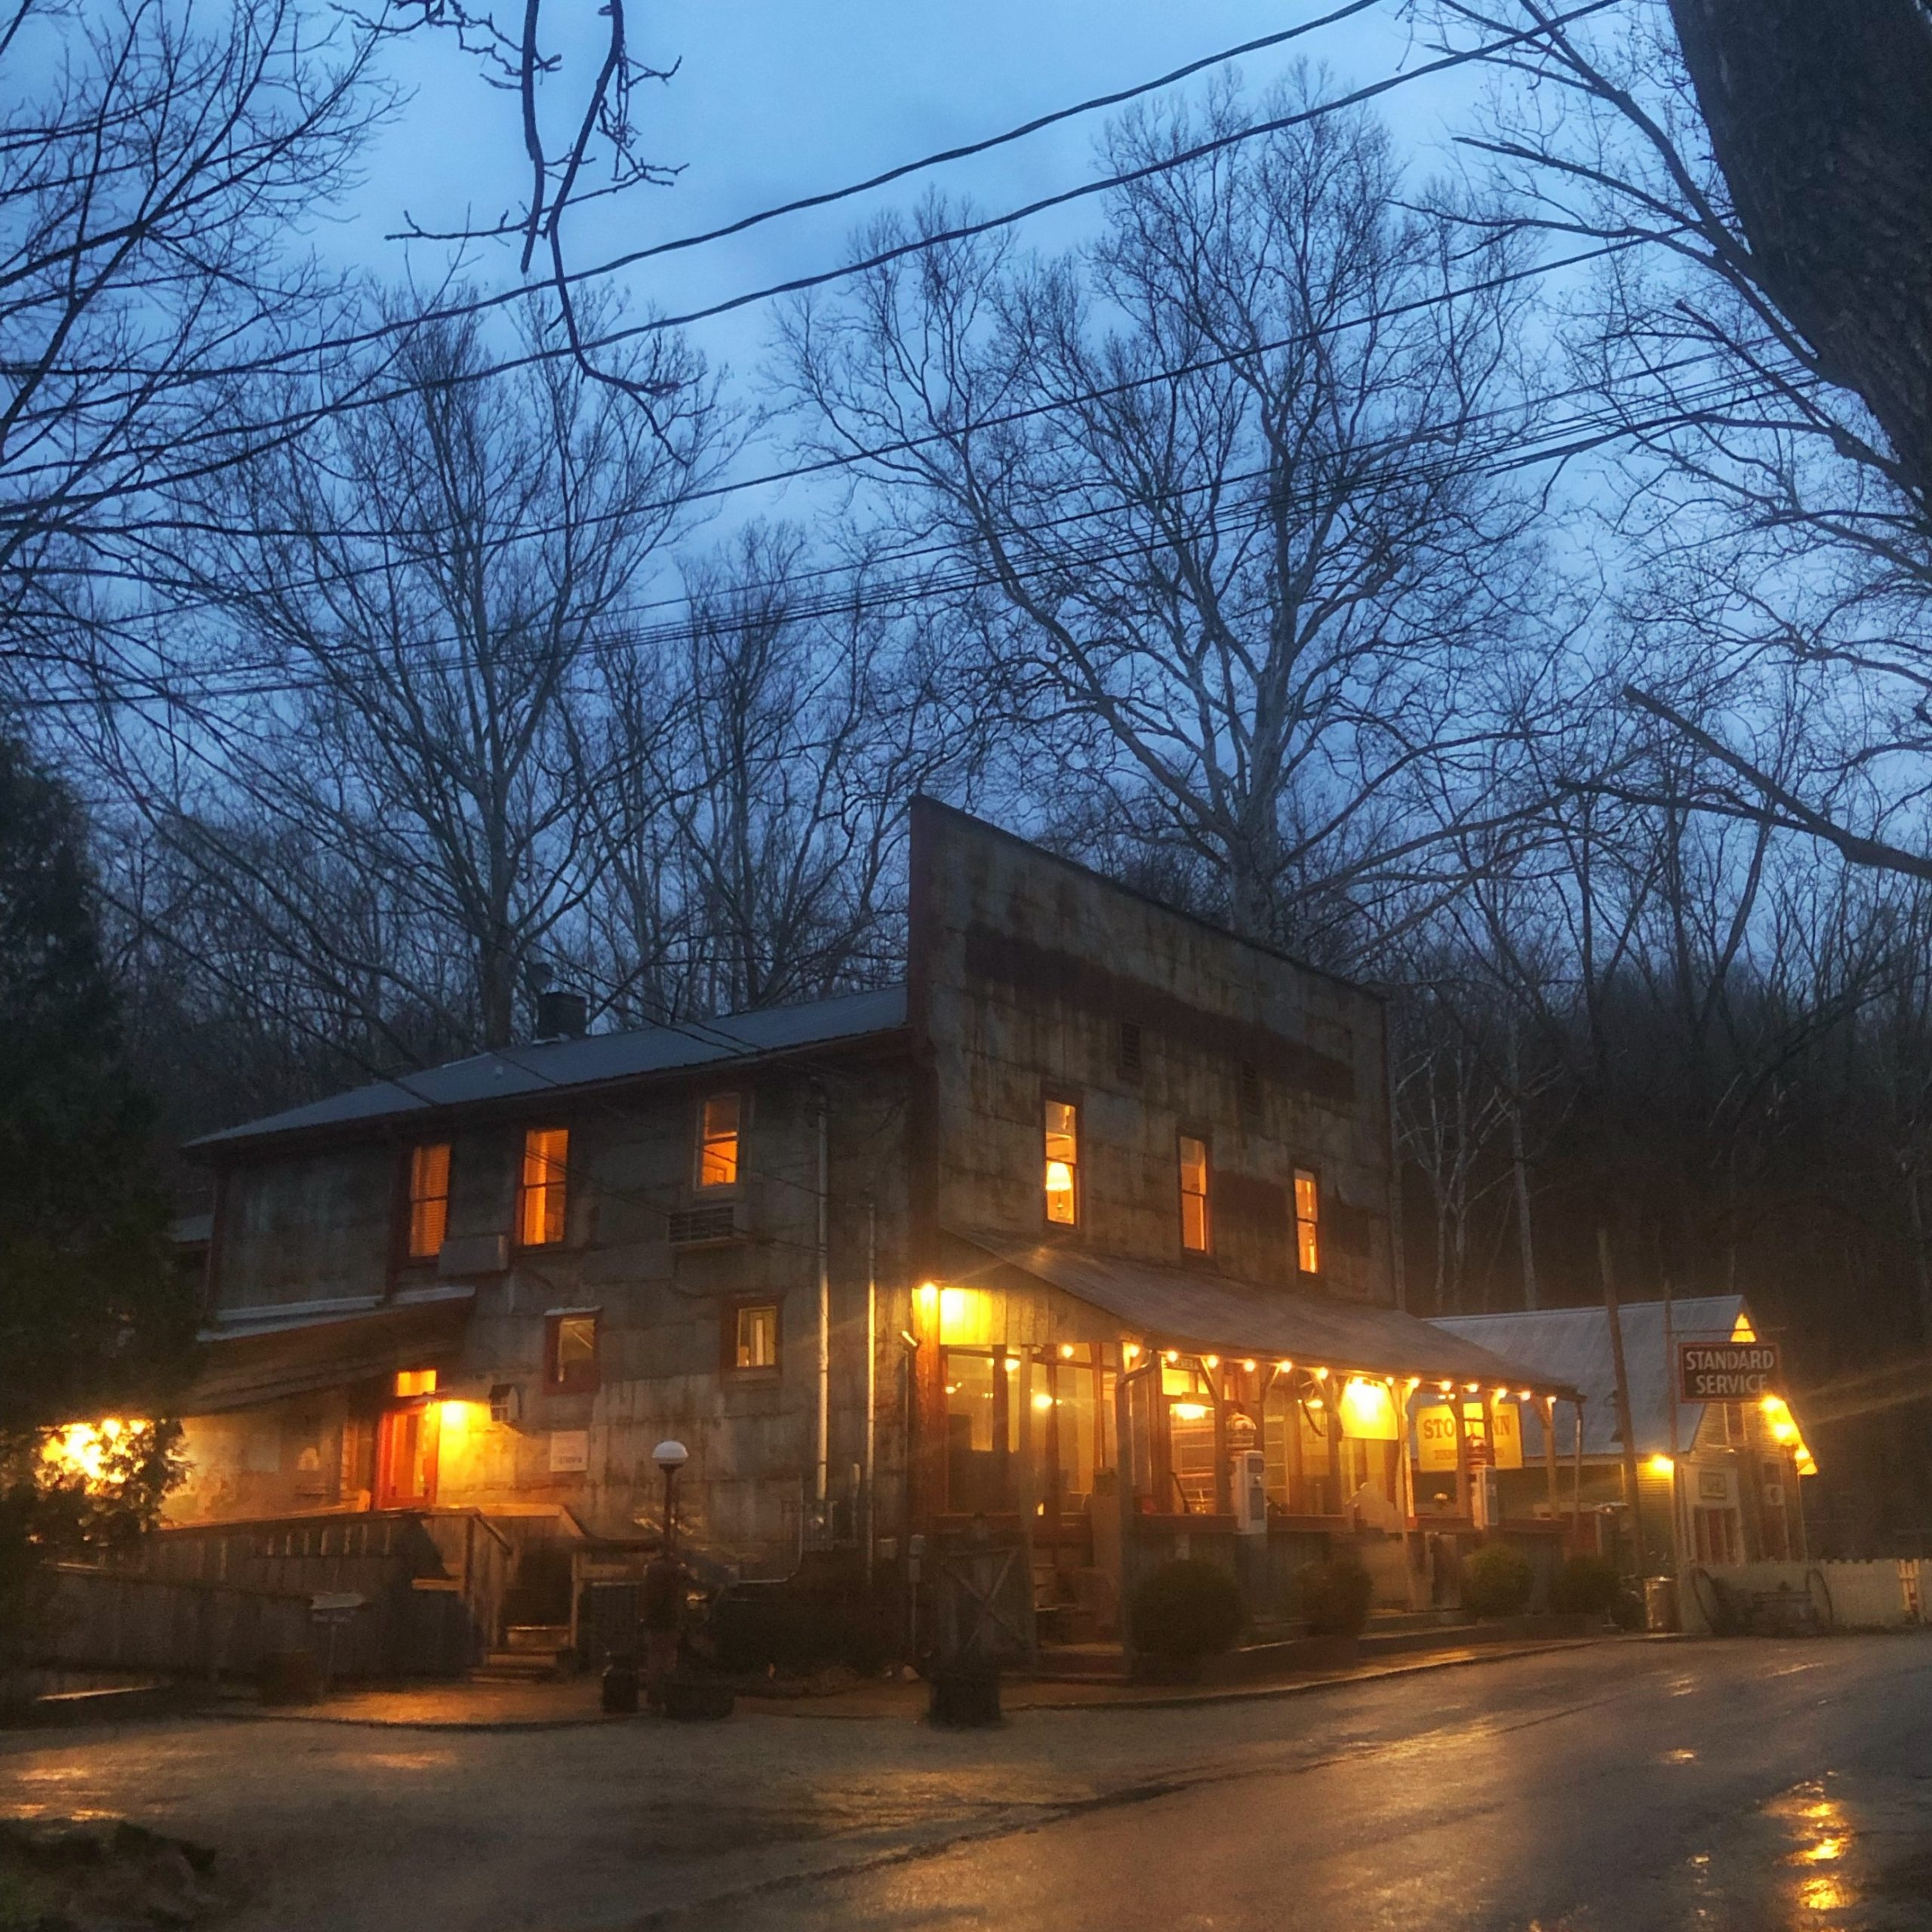 Story Inn Nashville IN at night